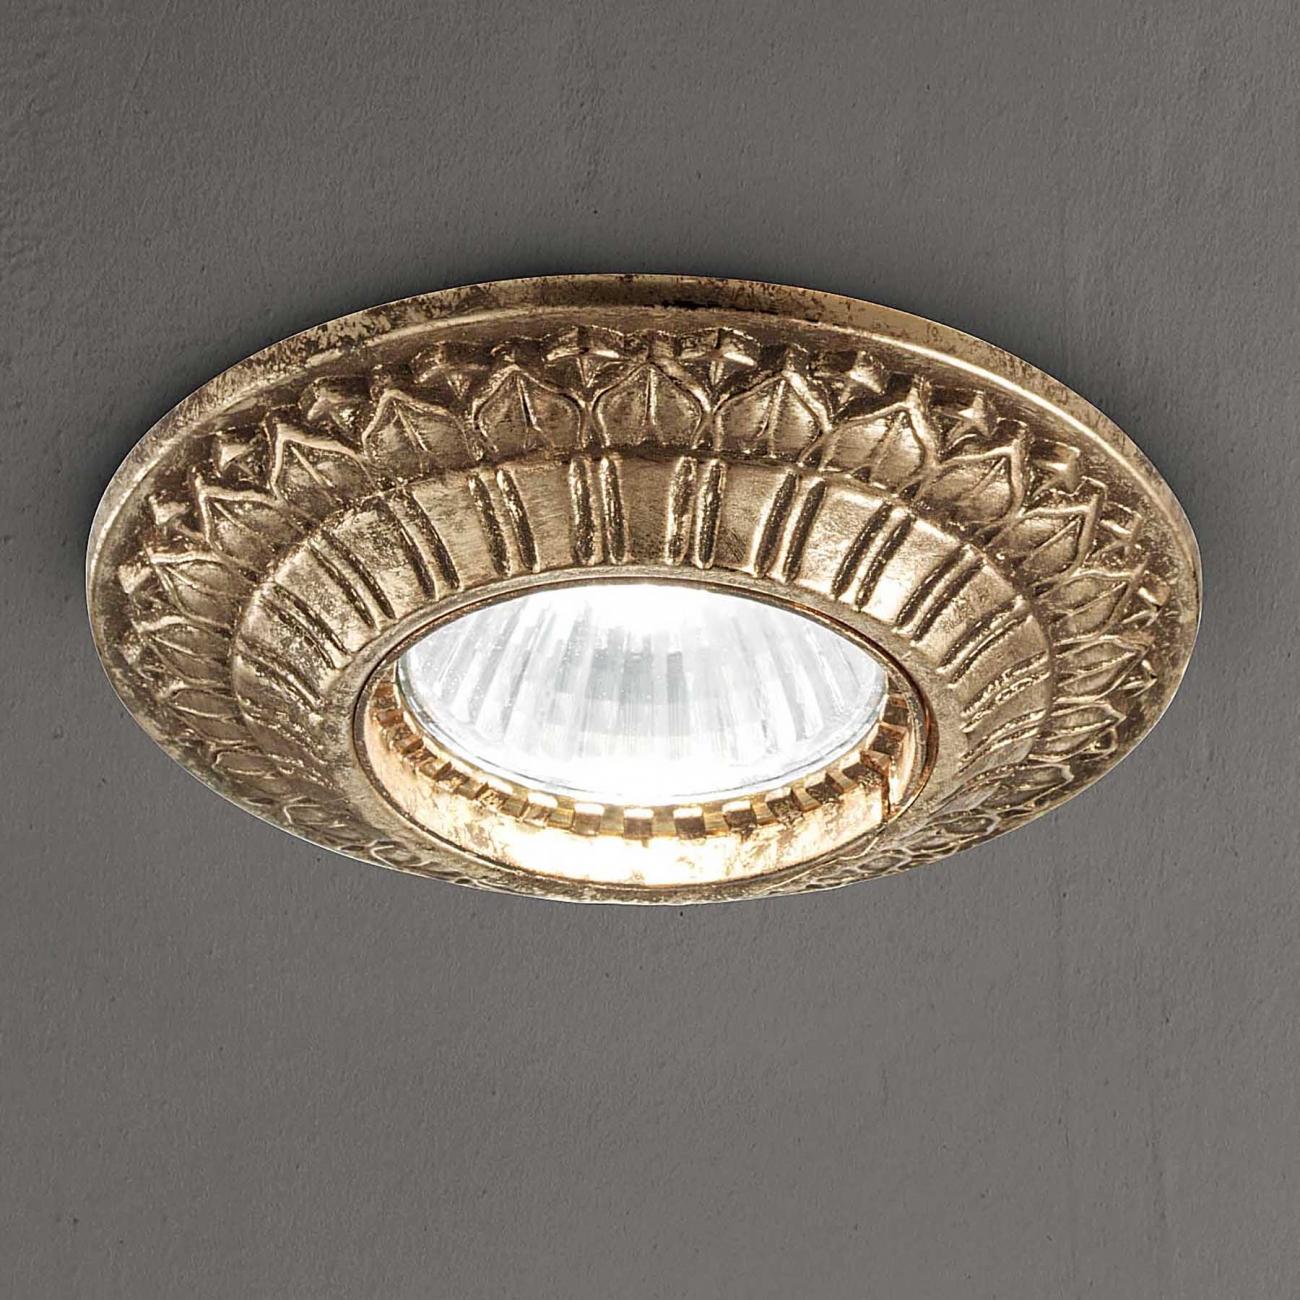 Masiero Atelier Brass & Spots ceiling lamp